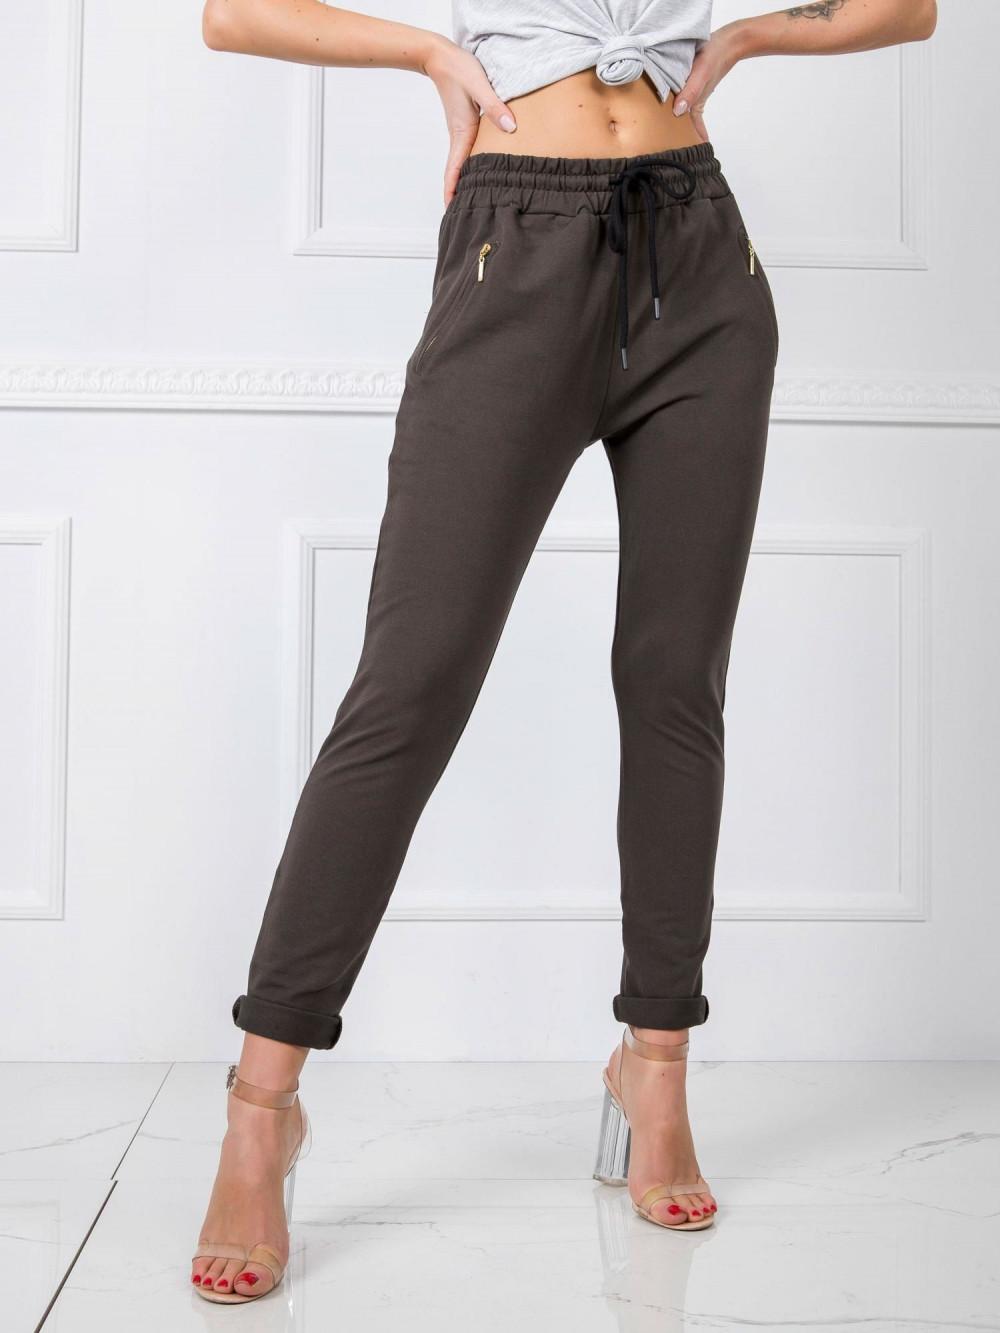 Khaki spodnie dresowe z wysokim stanem Primes 2